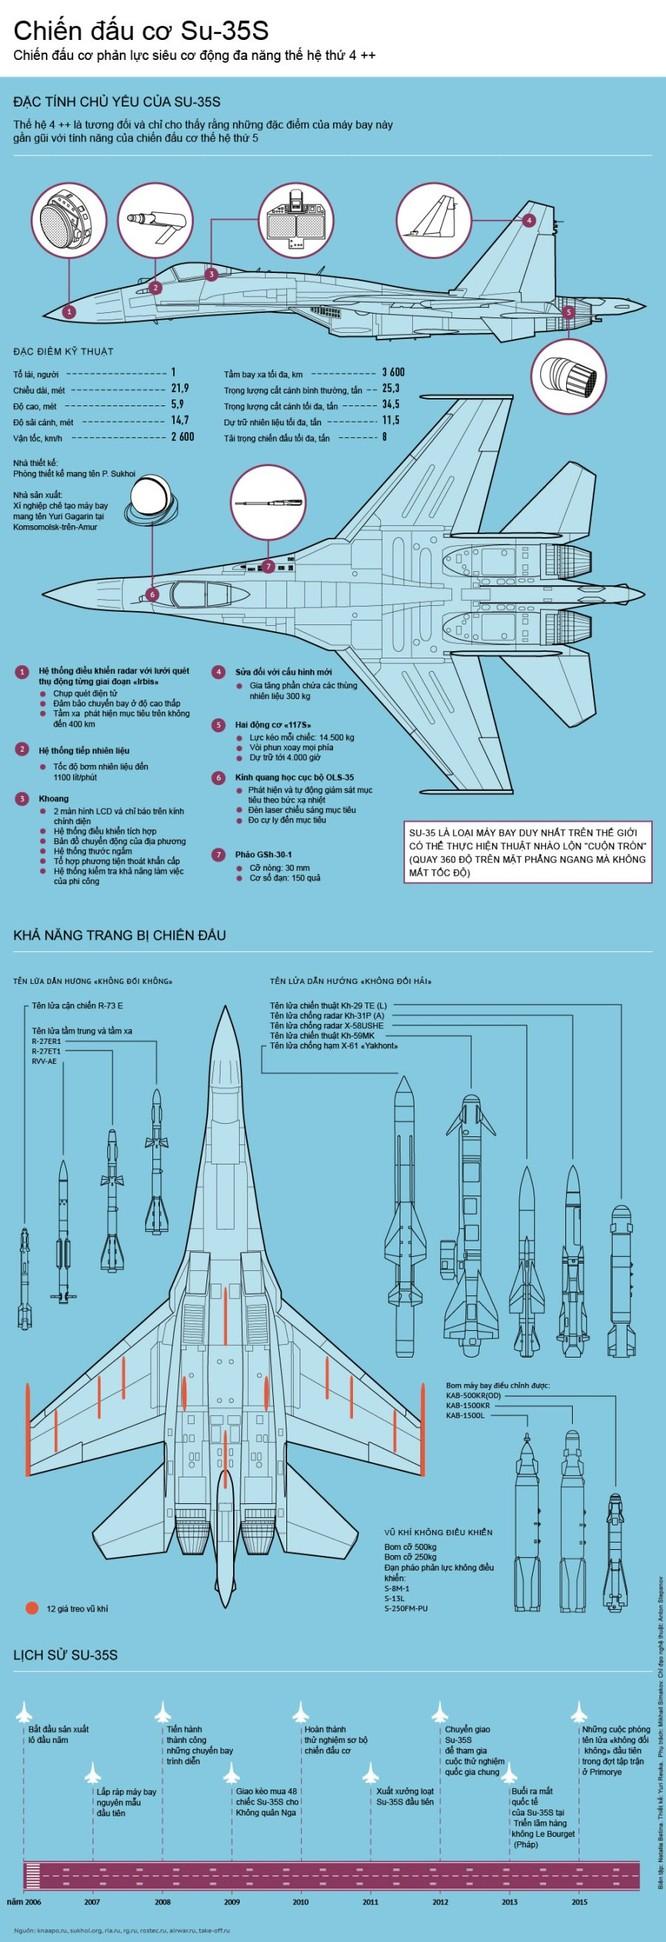 Khám phá cấu trúc siêu chiến đấu cơ Su-35S của Nga ảnh 1